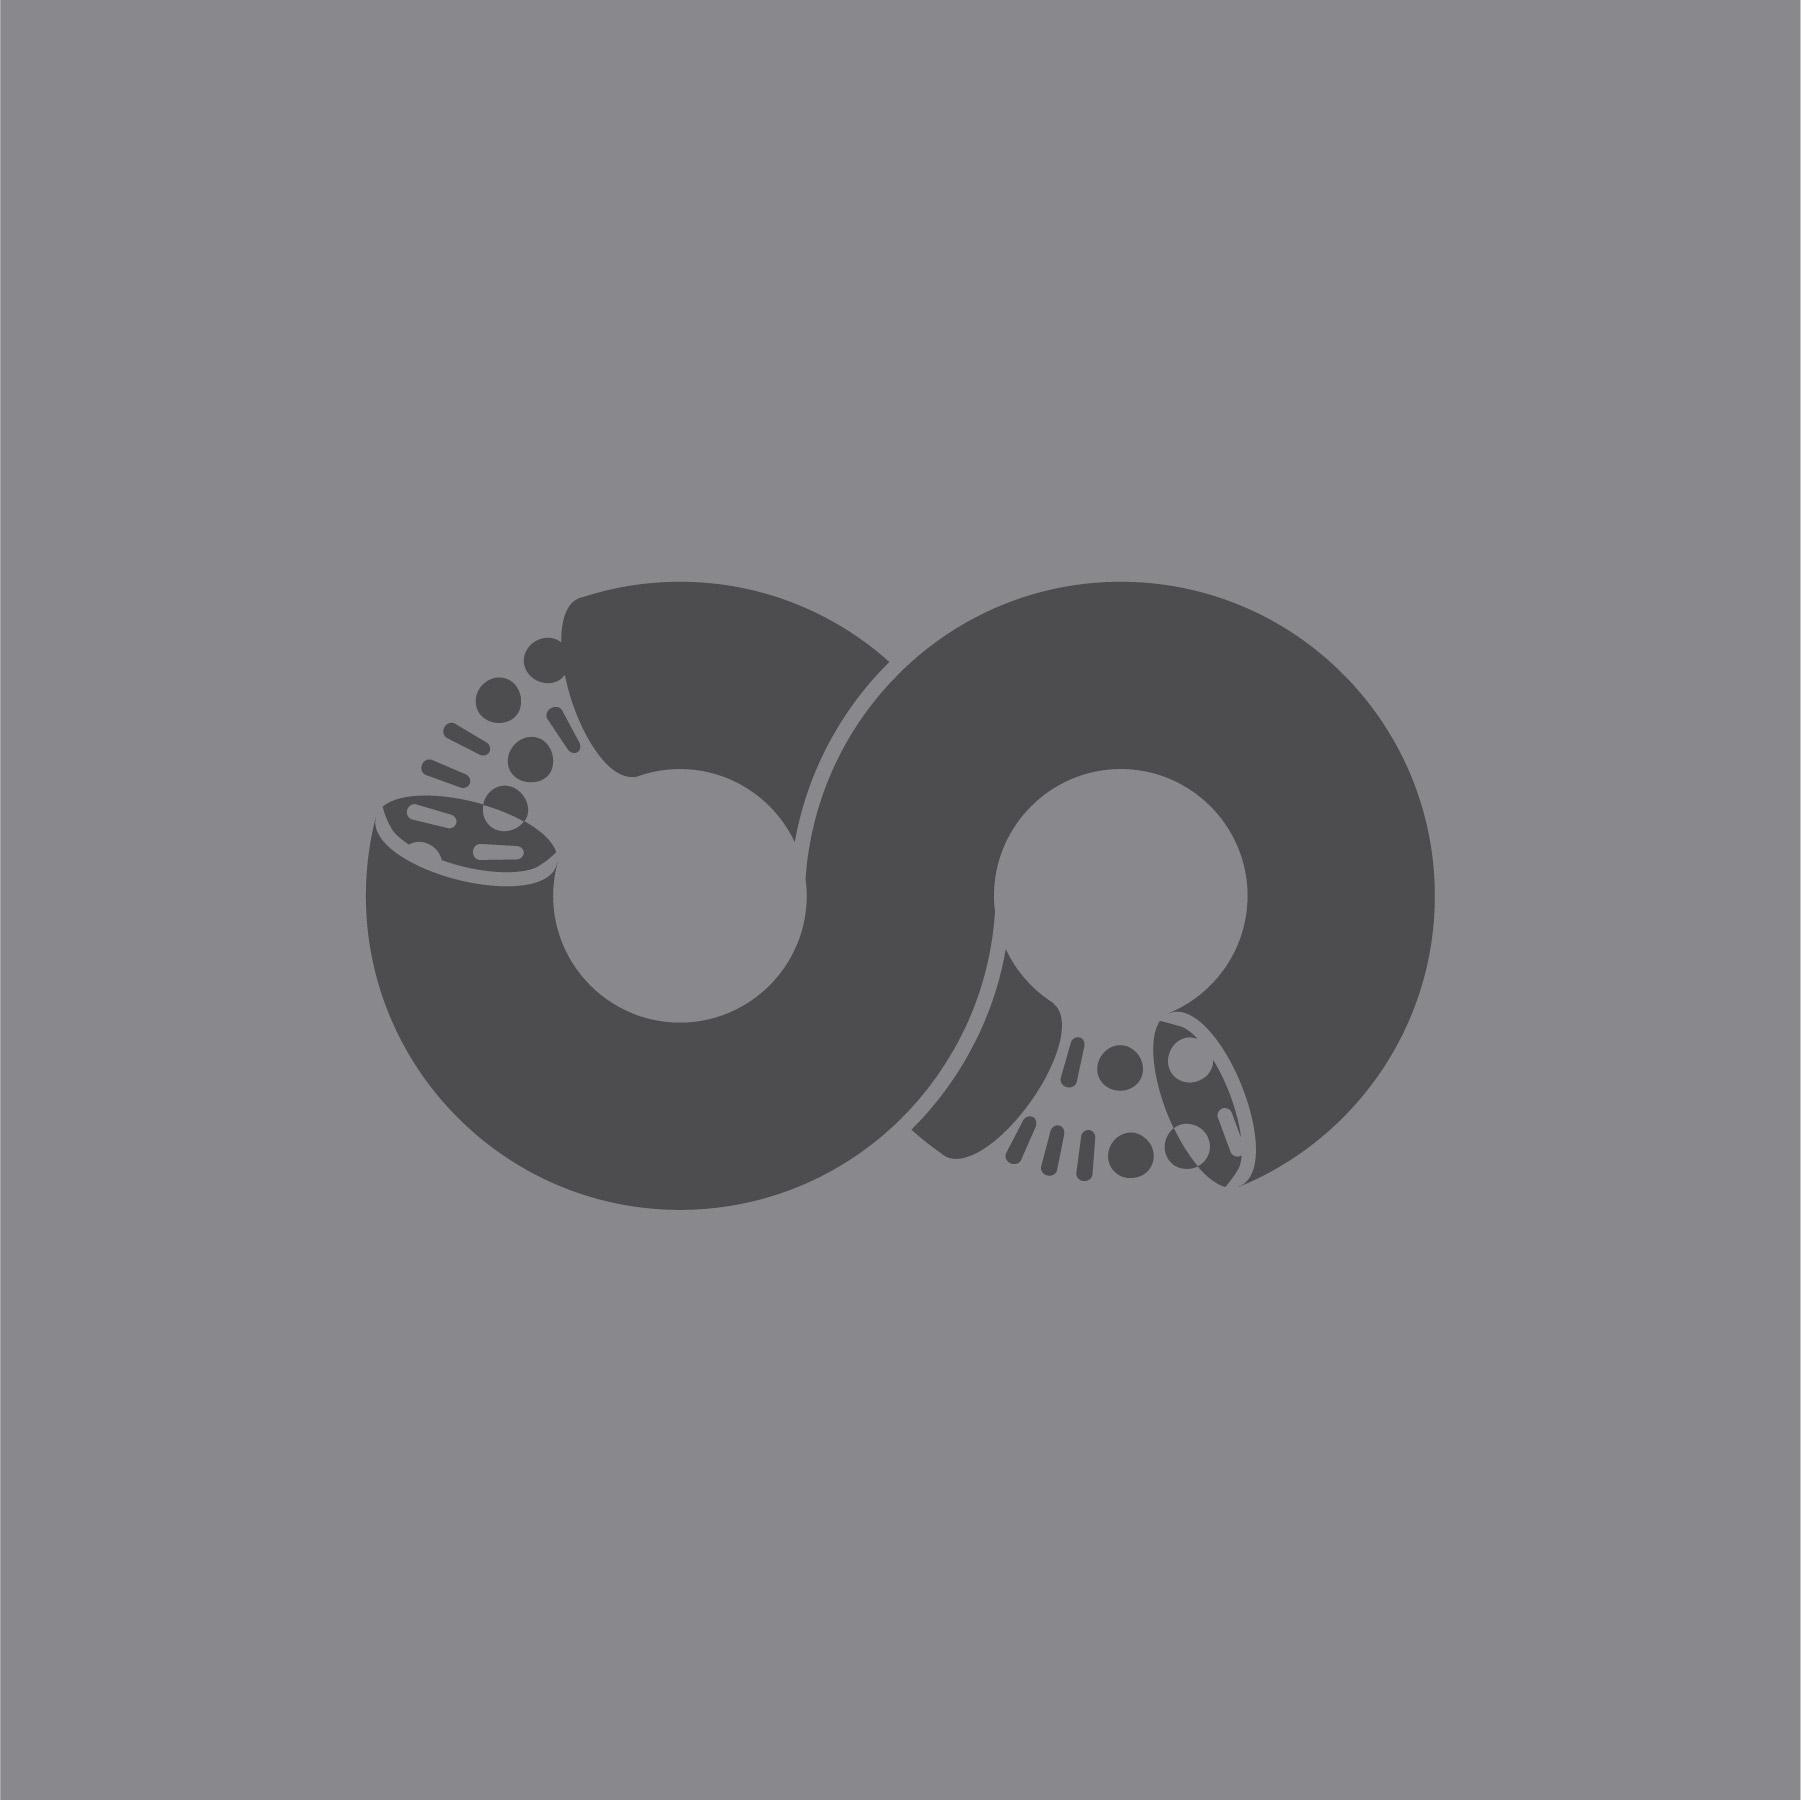 logo_googleAi_artwork.jpg